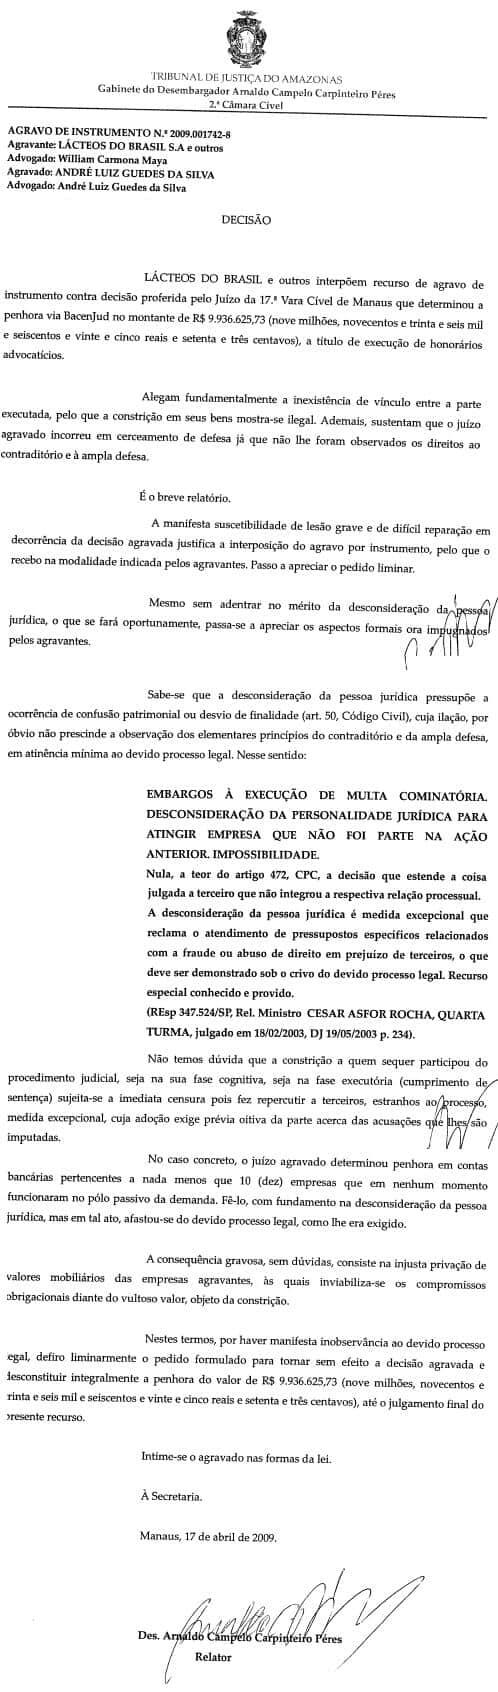 Rayes Advogados encaminha esclarecimentos sobre nota veiculada em Migalhas